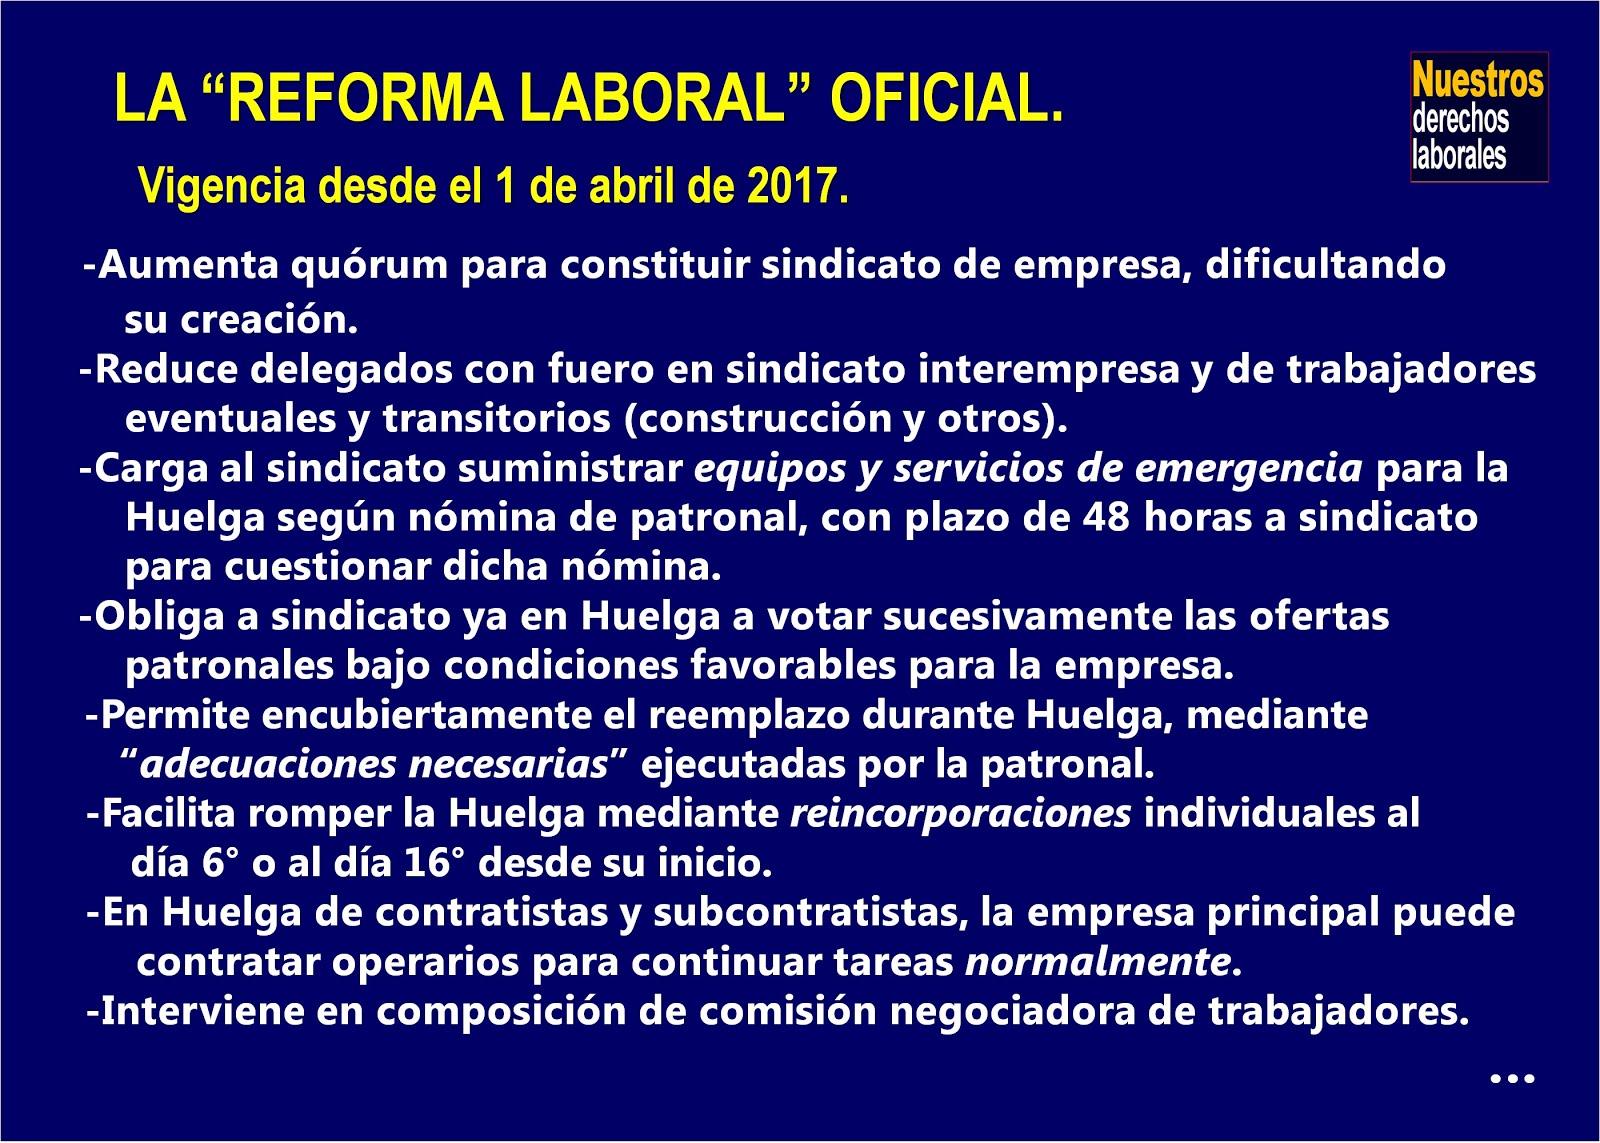 ¿Cómo quedó la reforma laboral?